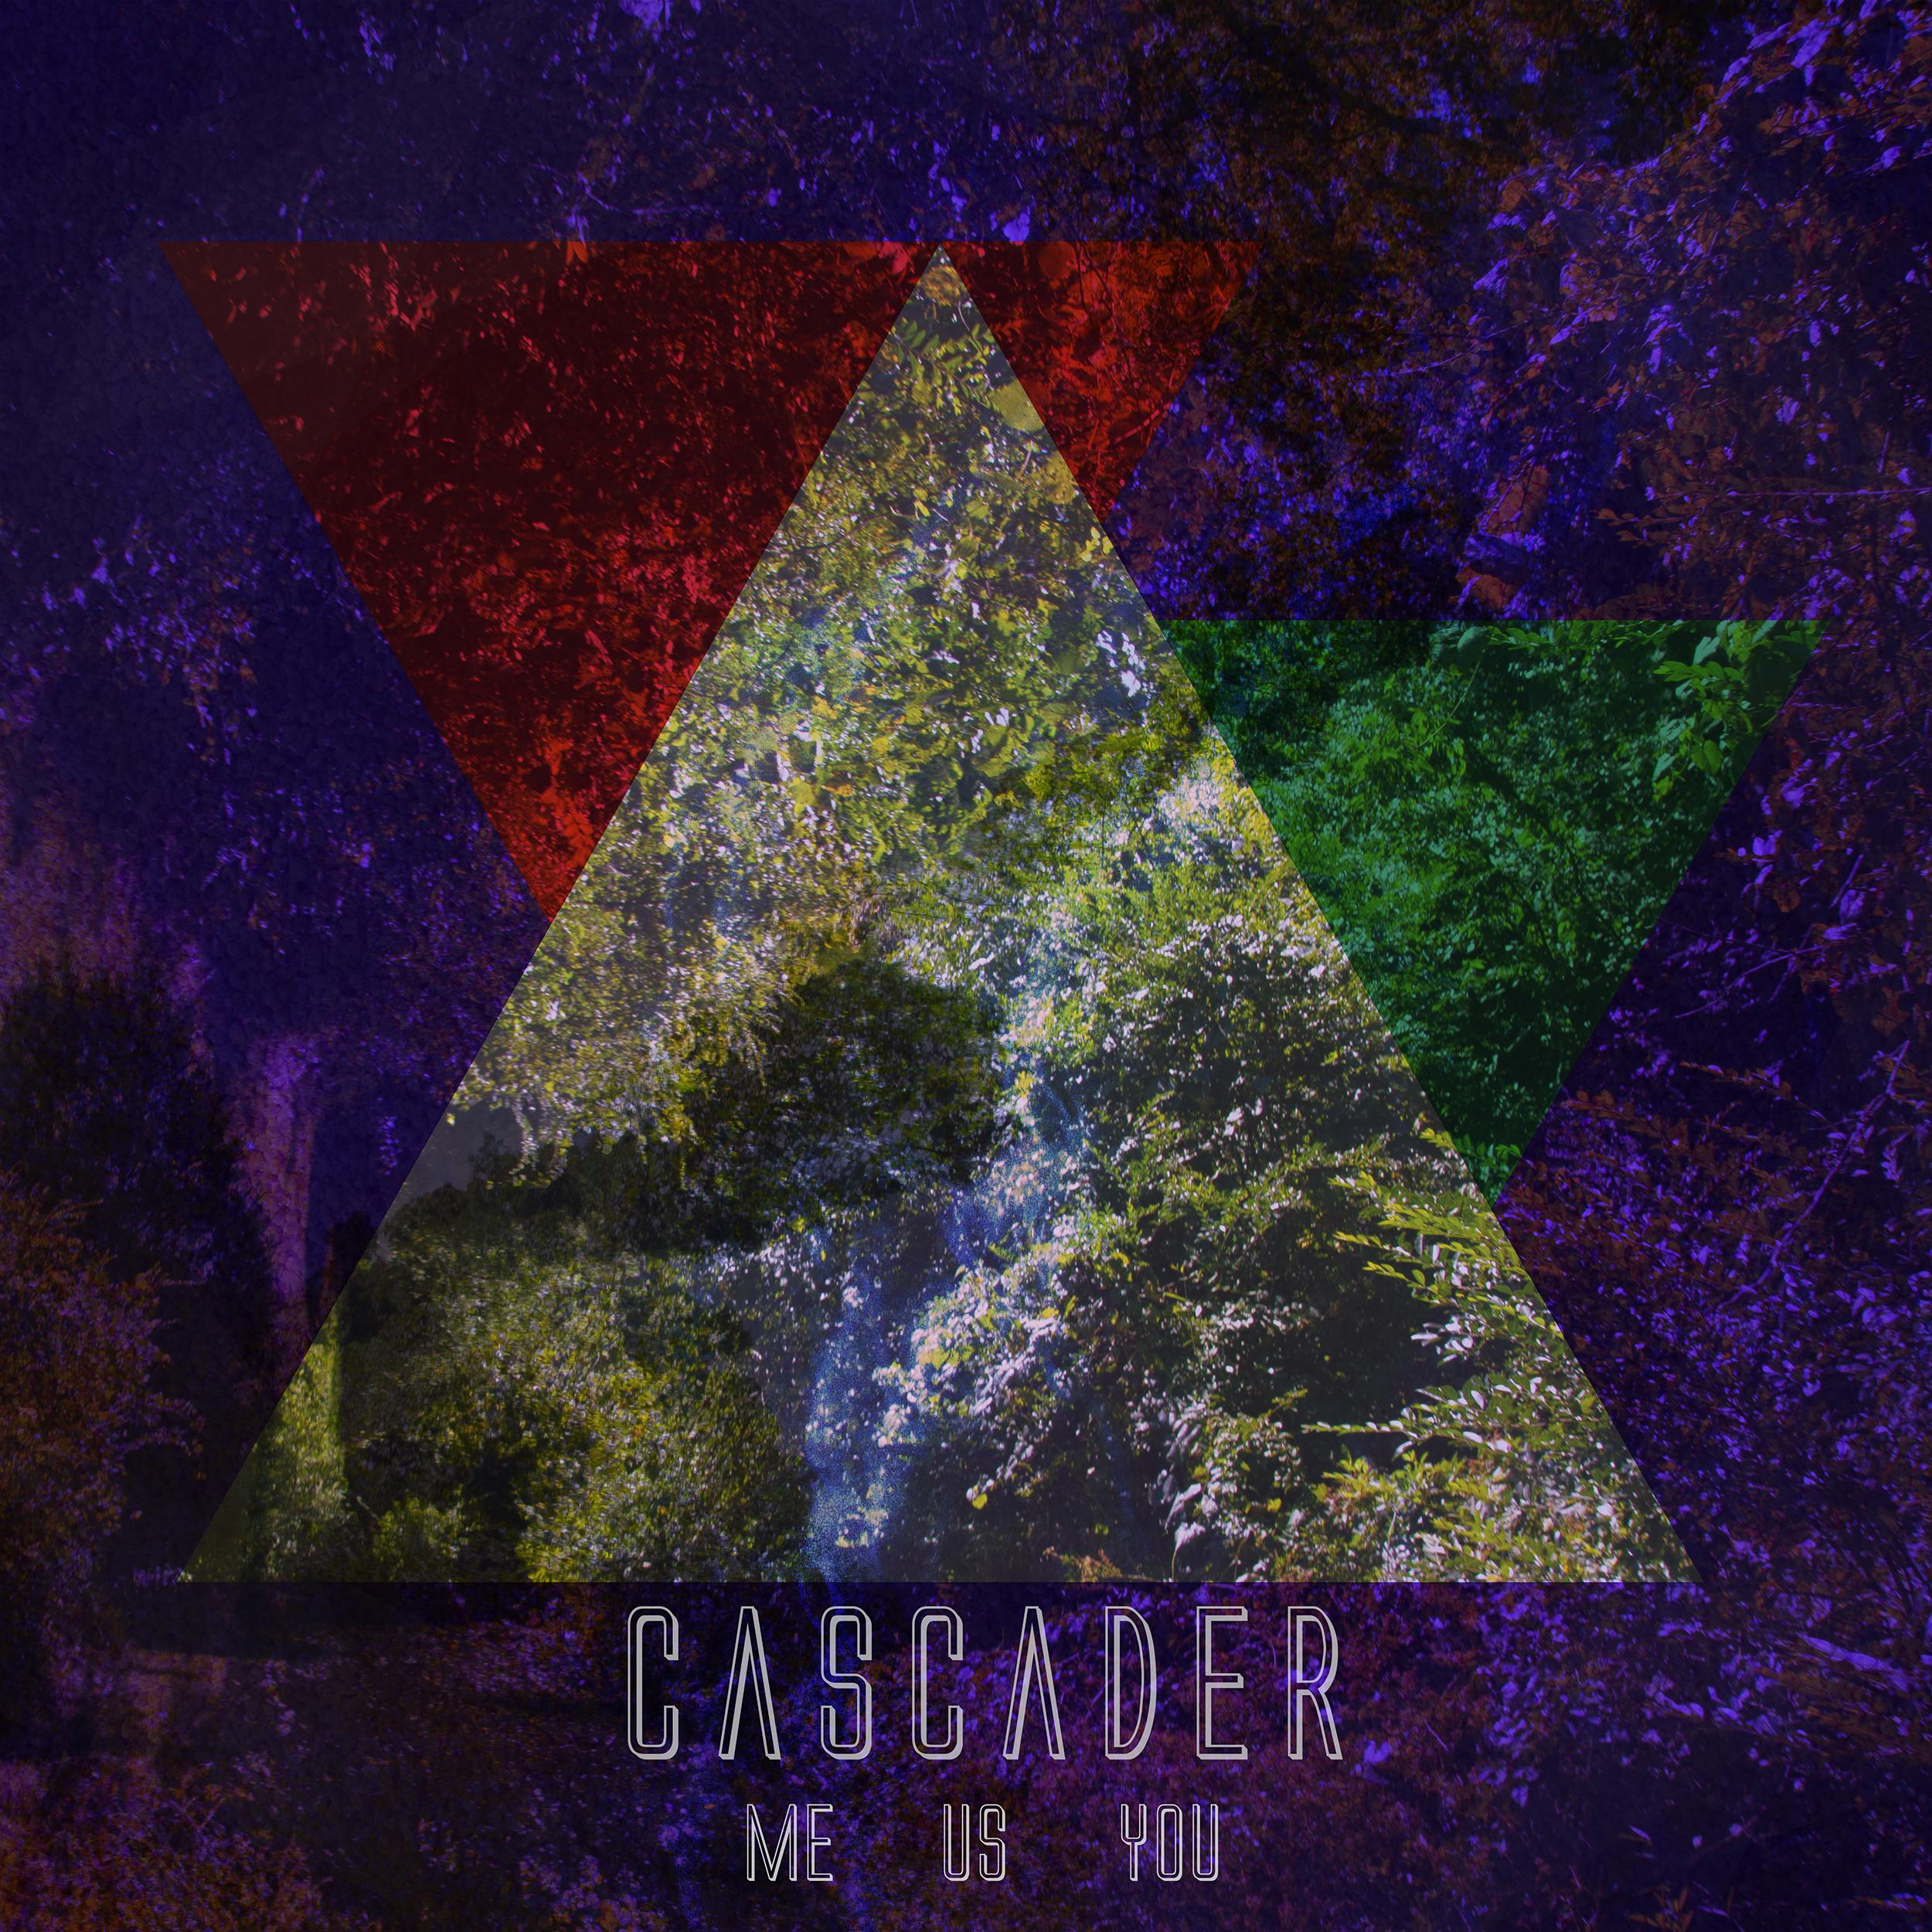 Cascader